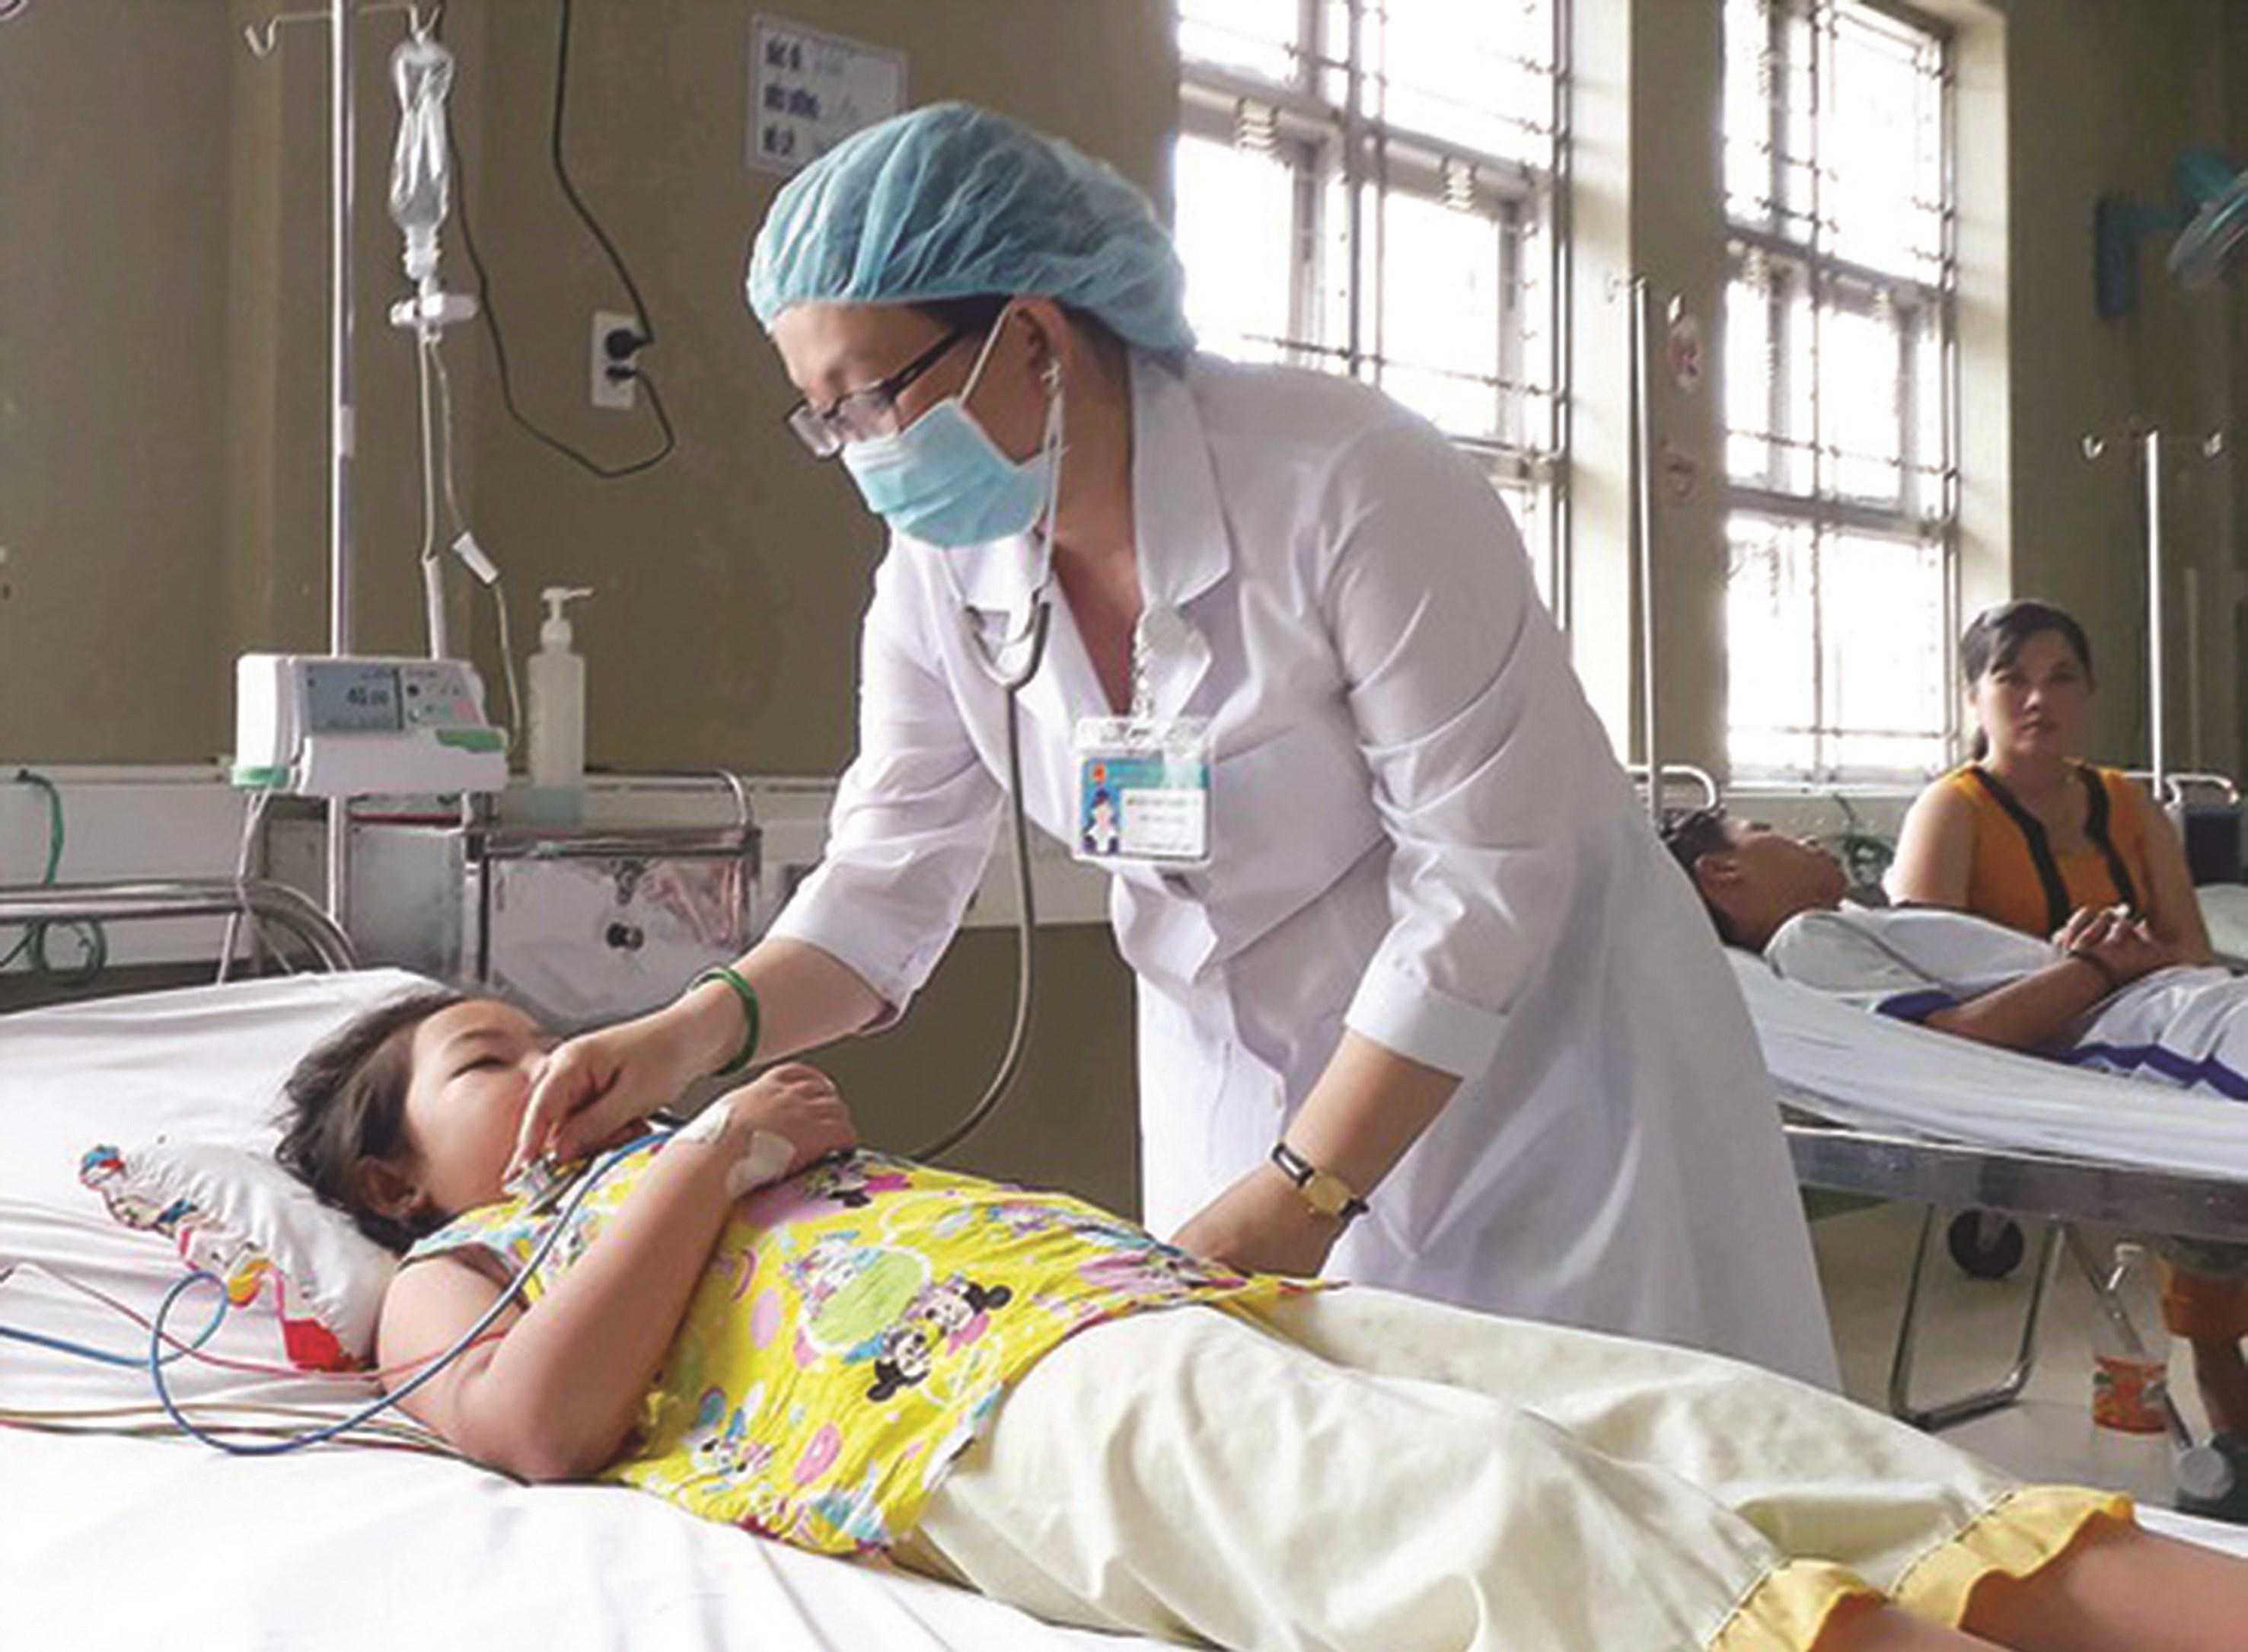 Bác sĩ kiểm tra thân nhiệt cho bệnh nhi bị sốt xuất huyết tại Bệnh viện Sản - nhi Cà Mau.